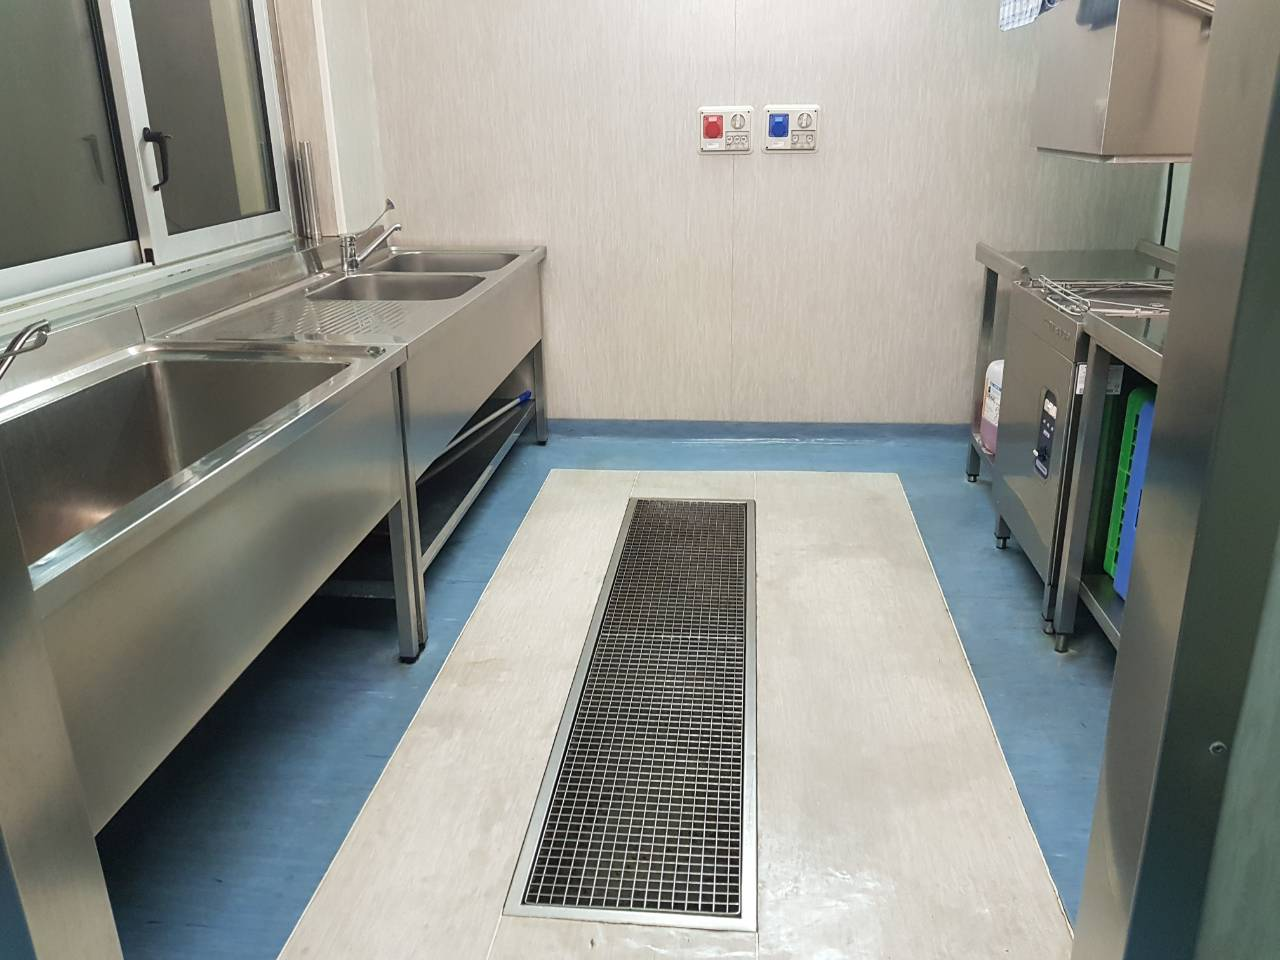 Pulizia cucina ristorante in monza impresa di pulizie tutto brilla - Pulizia cucina ristorante ...